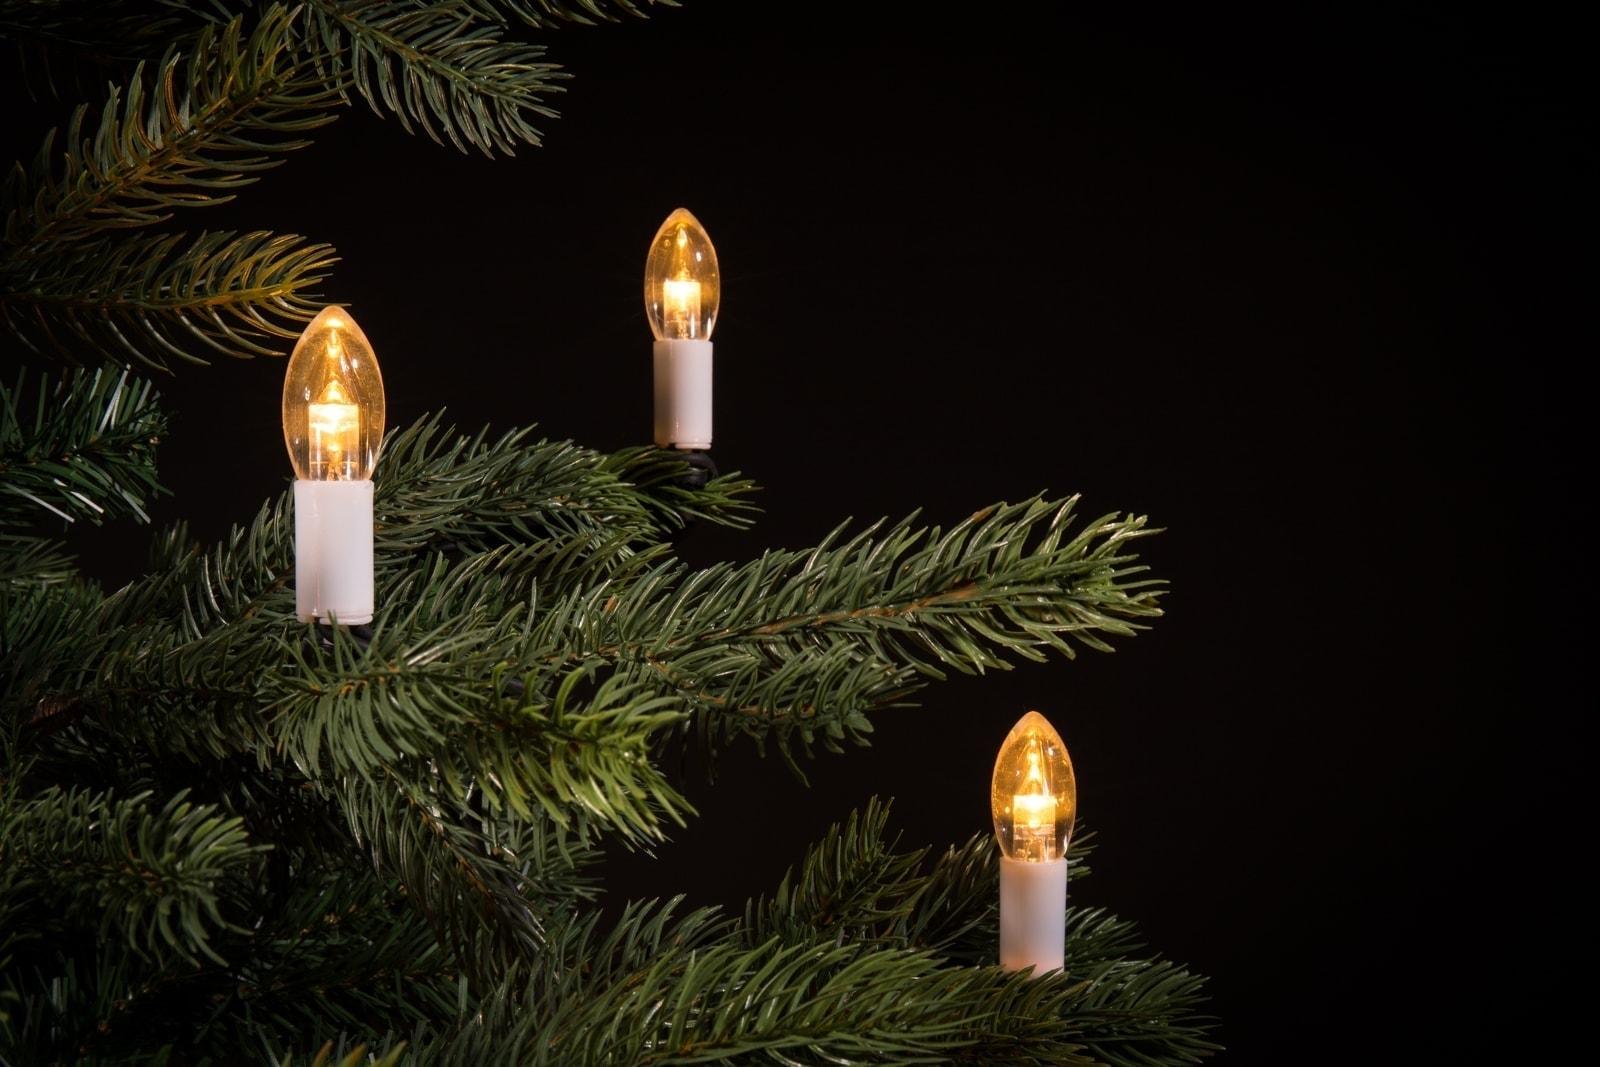 kerstboomverlichting kaarsjes